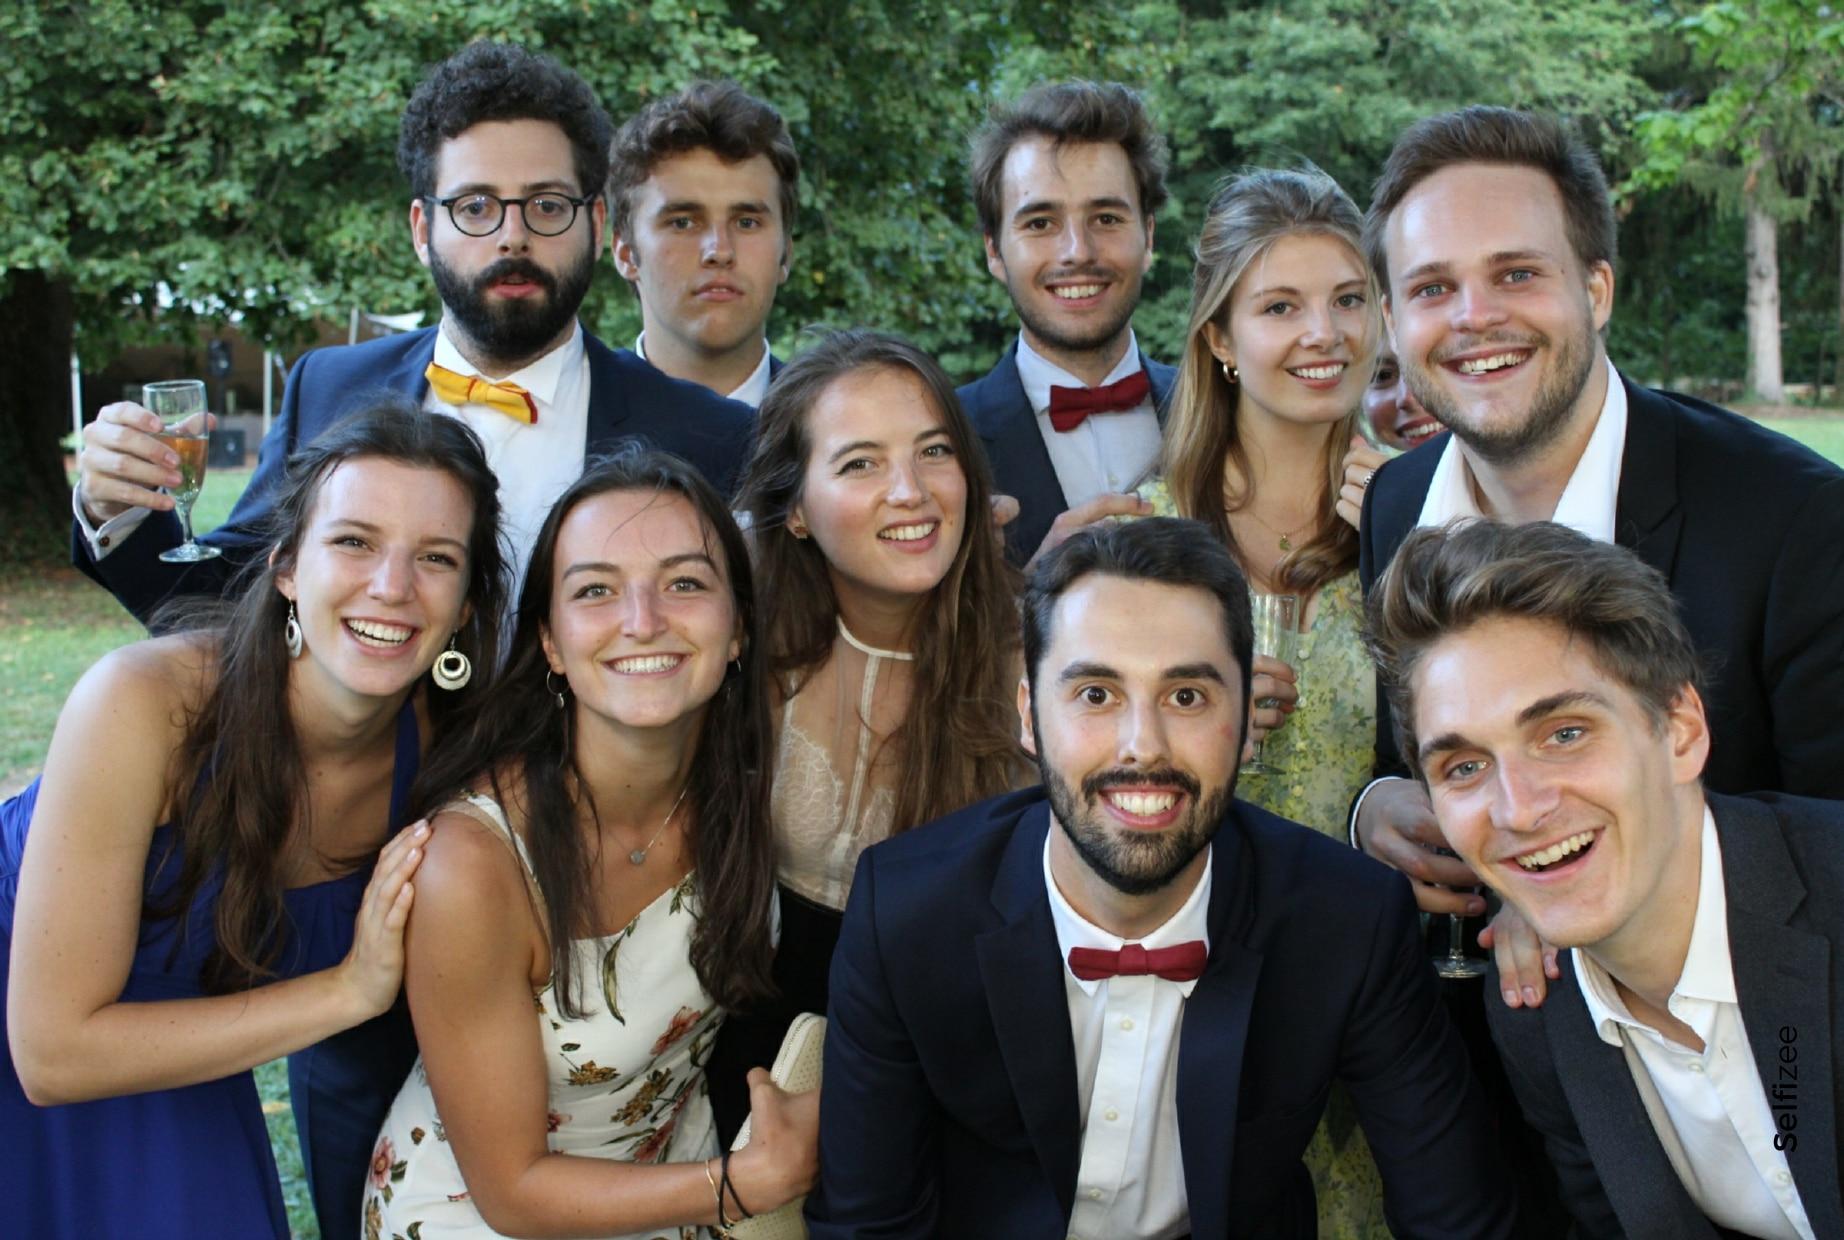 Selfie mariage personnalisé et imprimé avec borne photo à louer pour animation mariage à Grenoble et en Isère